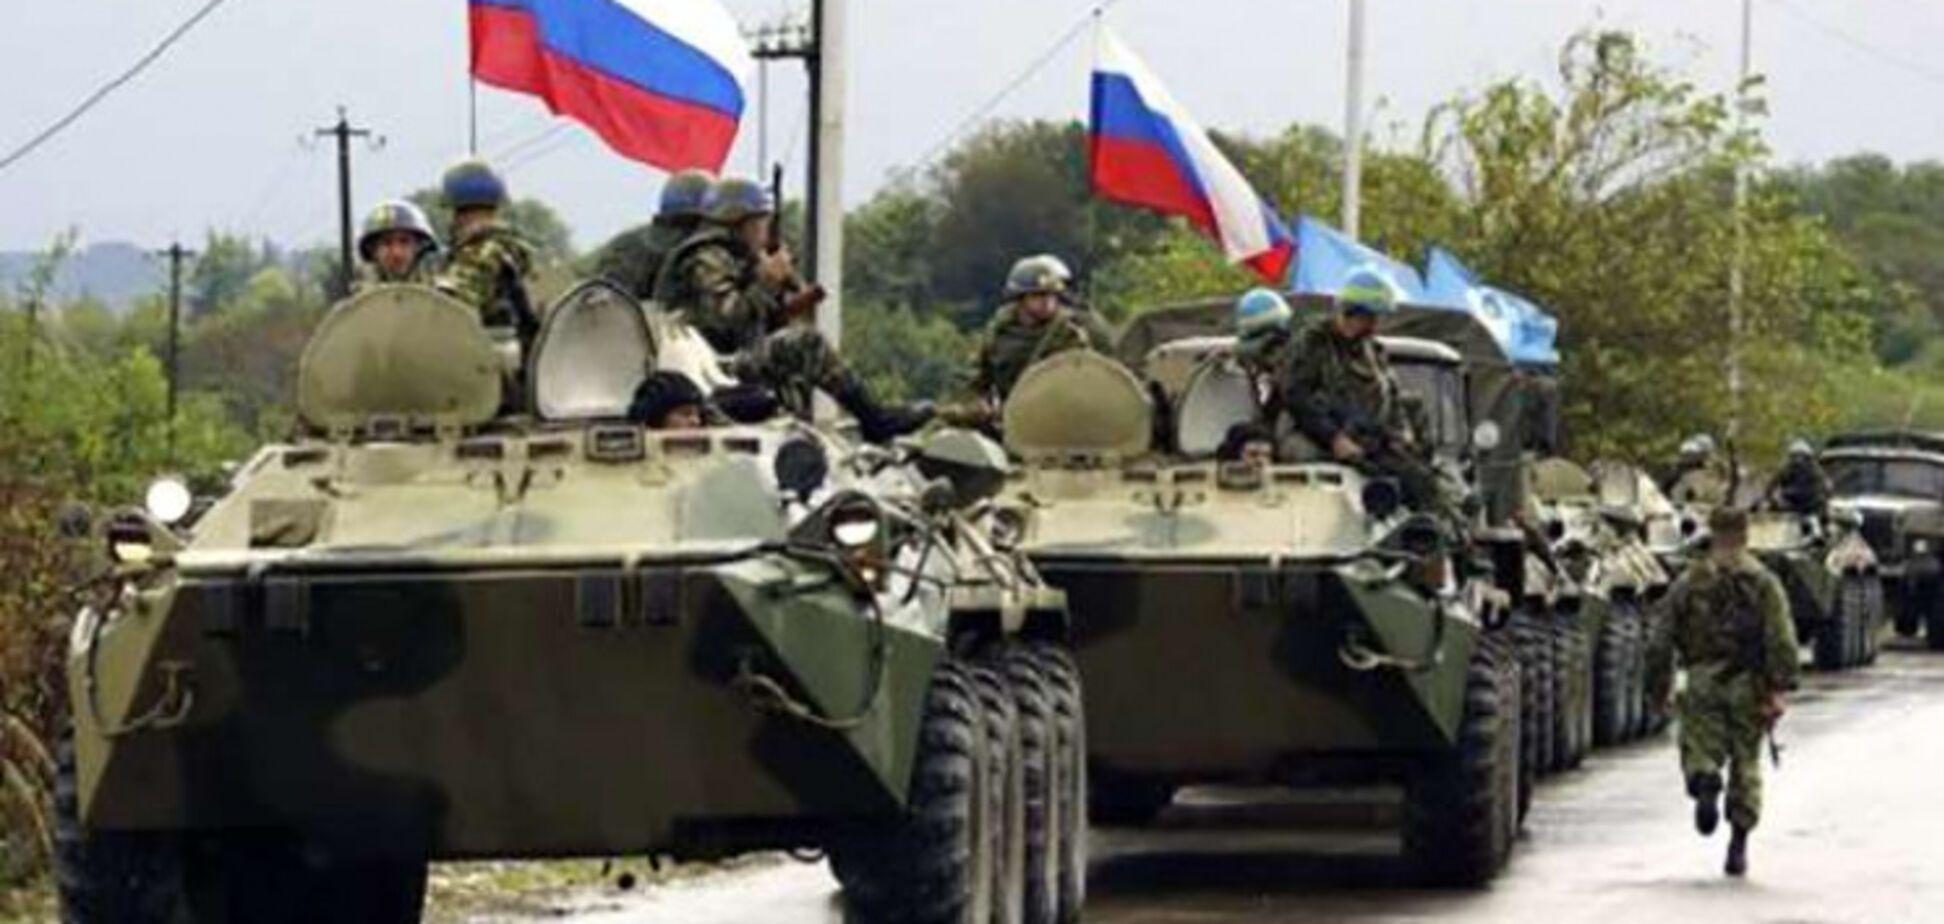 Тысячи убитых в Украине, а для россиян все также нет войны